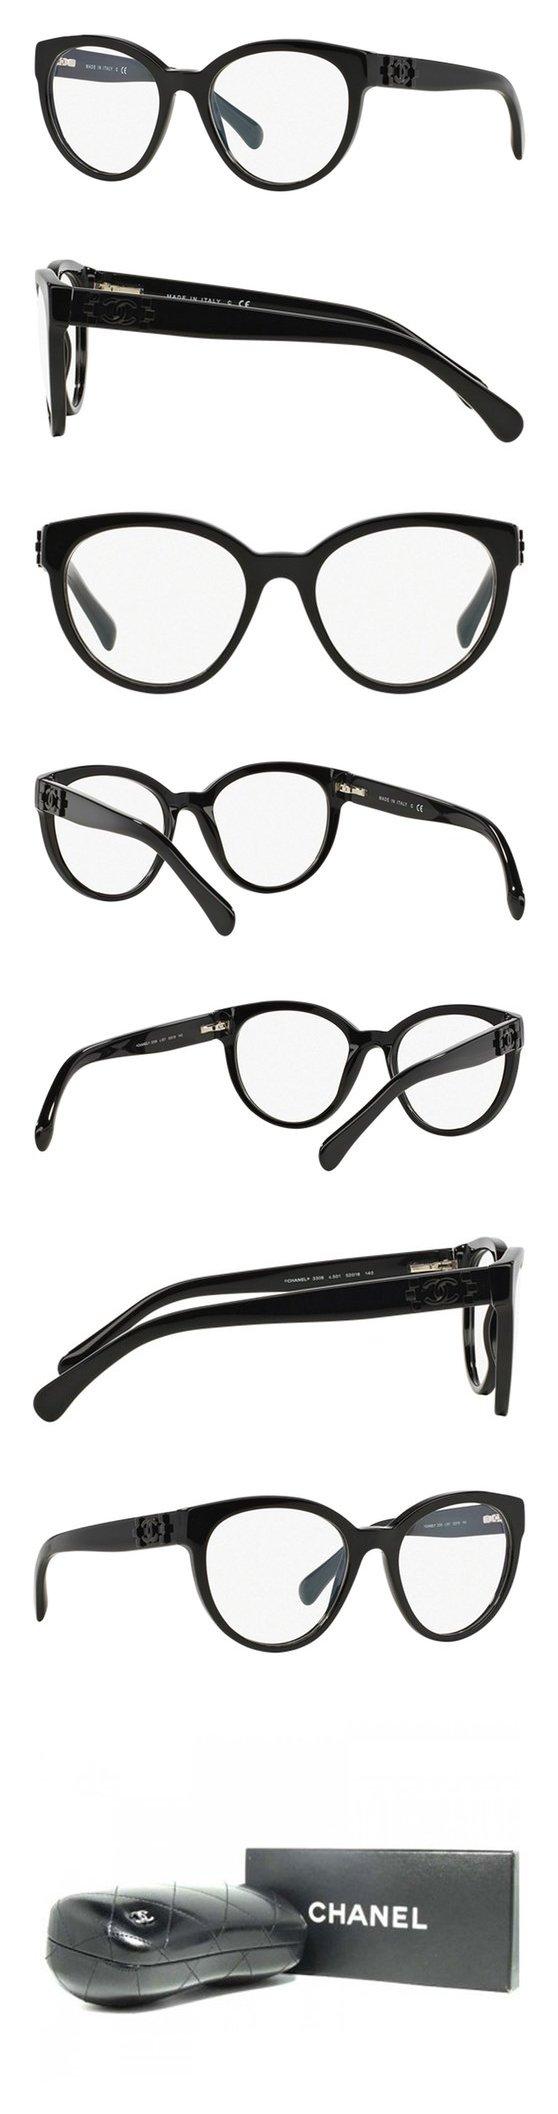 Chanel 3308 C501 Black 52 Eyewear #apparel #accessory #chanel ...